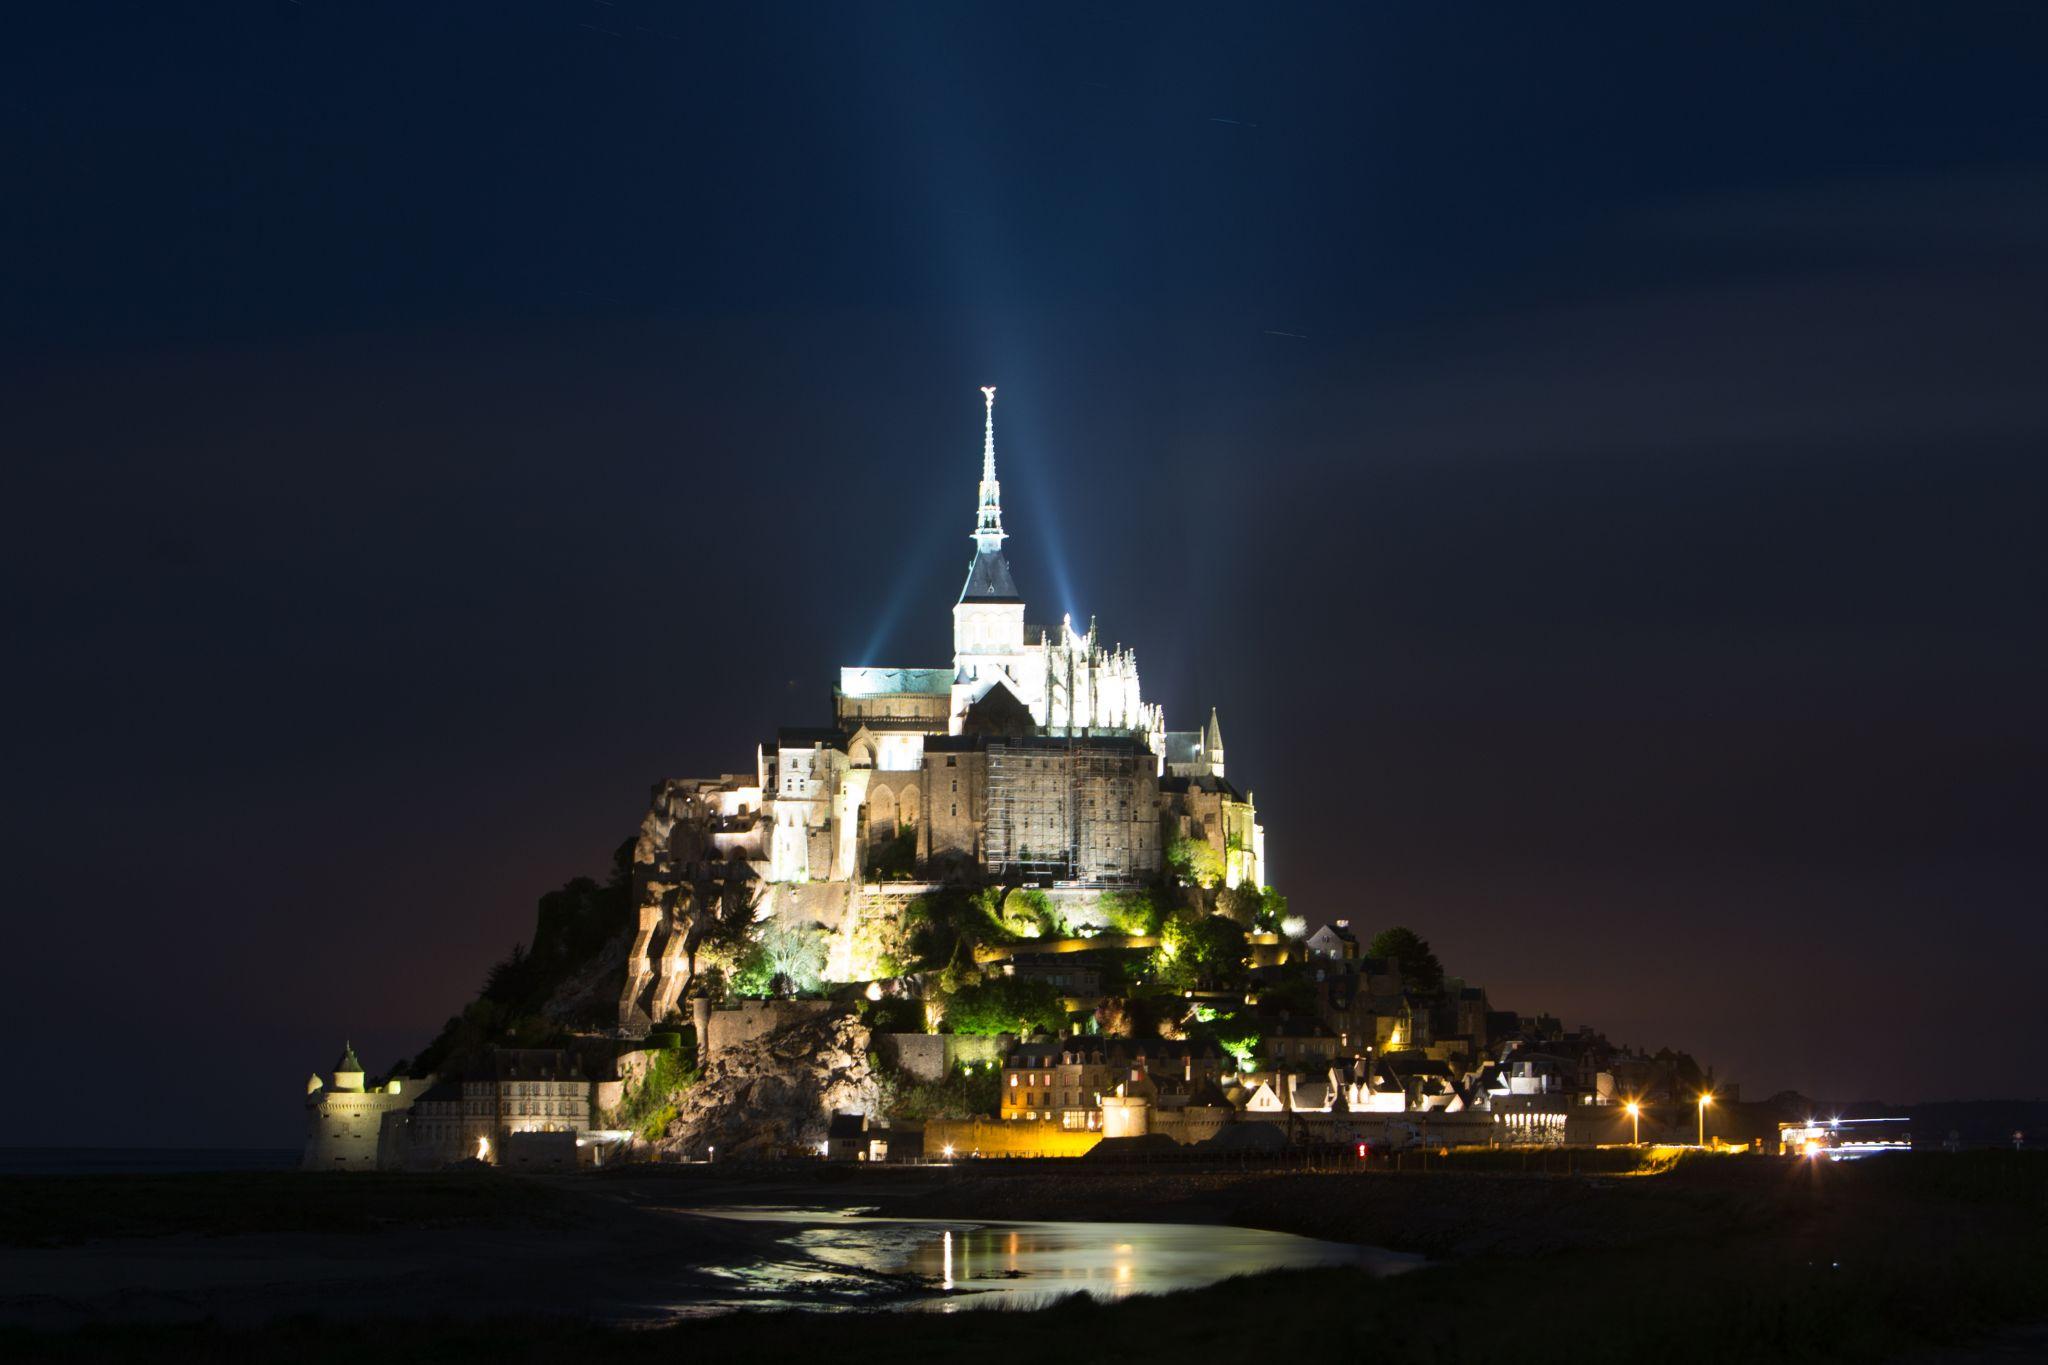 Mont Saint-Miguel, France